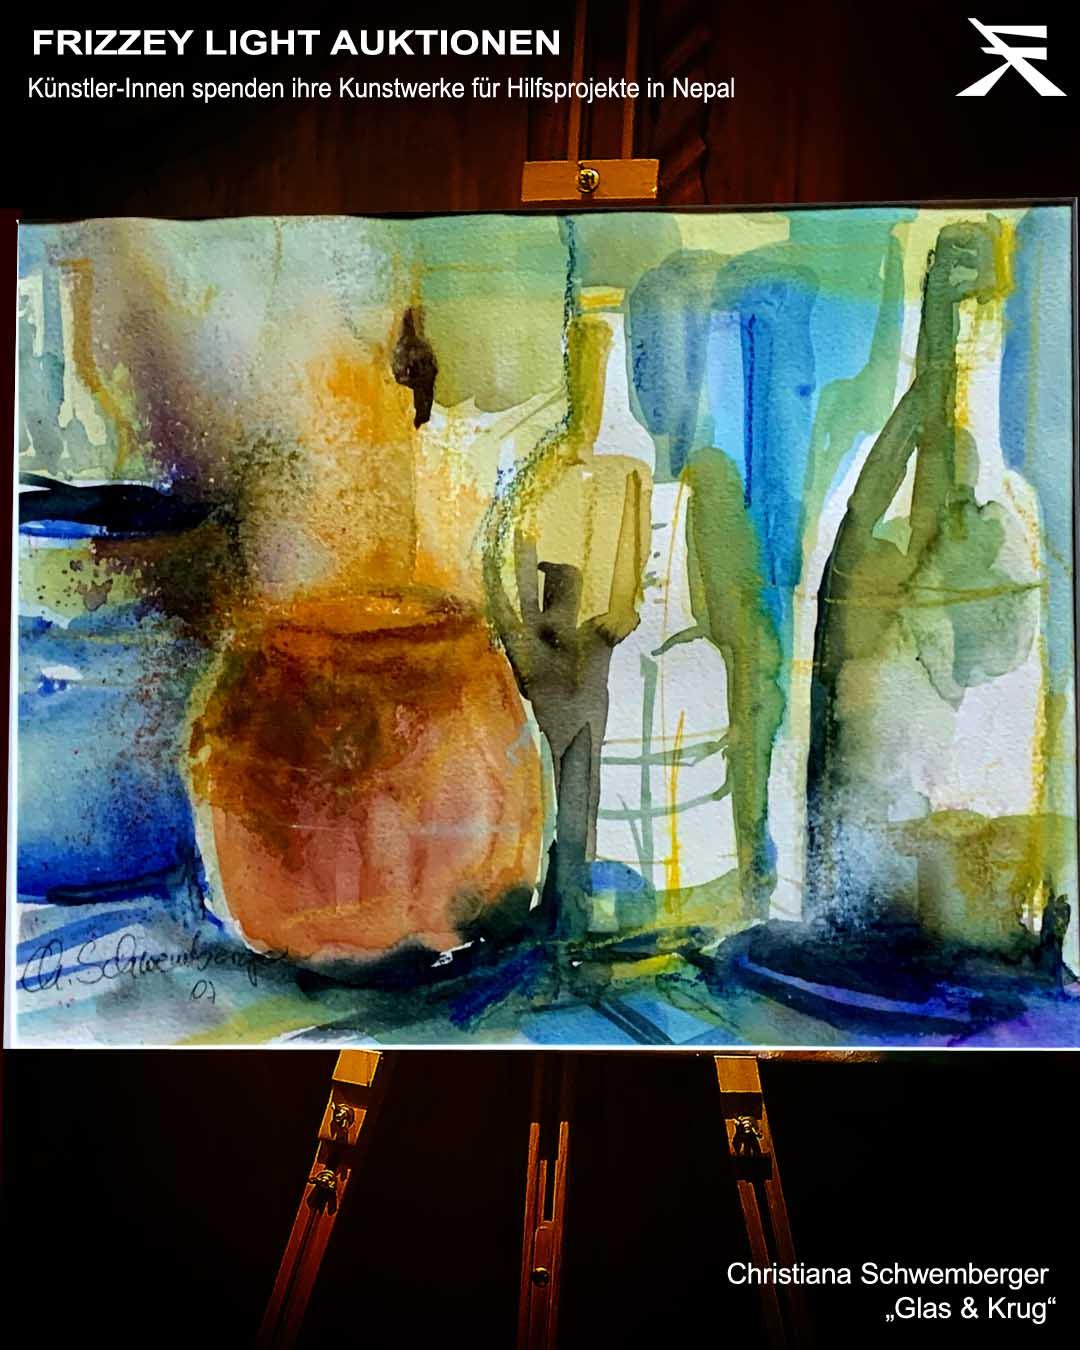 Glas & Krug von Christiana Schwemberger